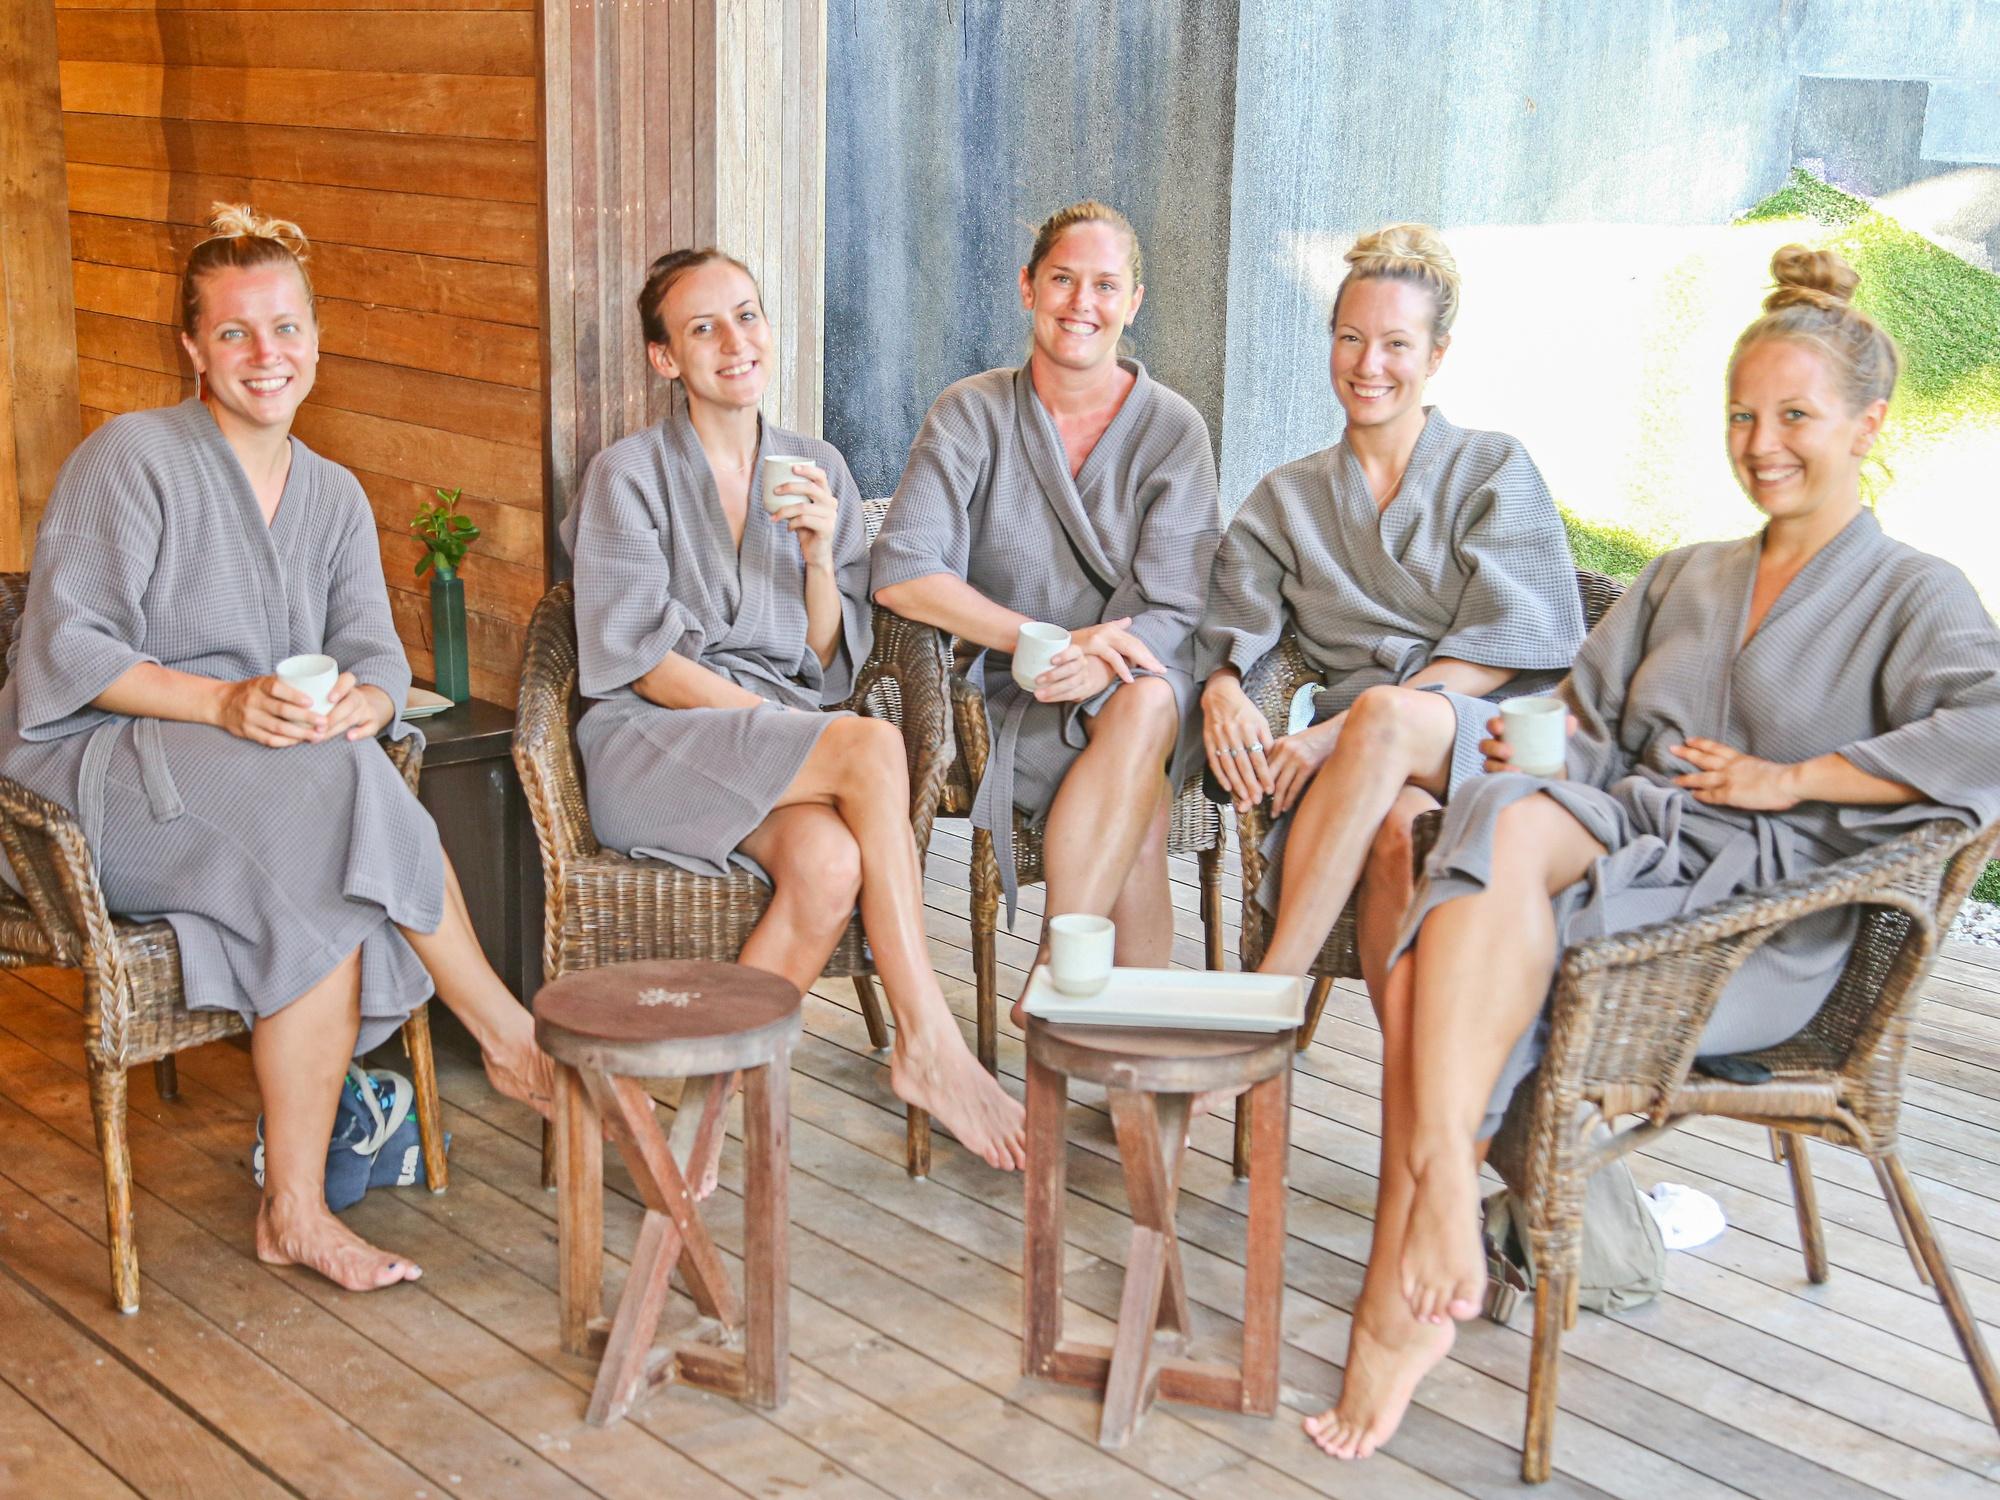 Spa and yoga retreat in the Maldives